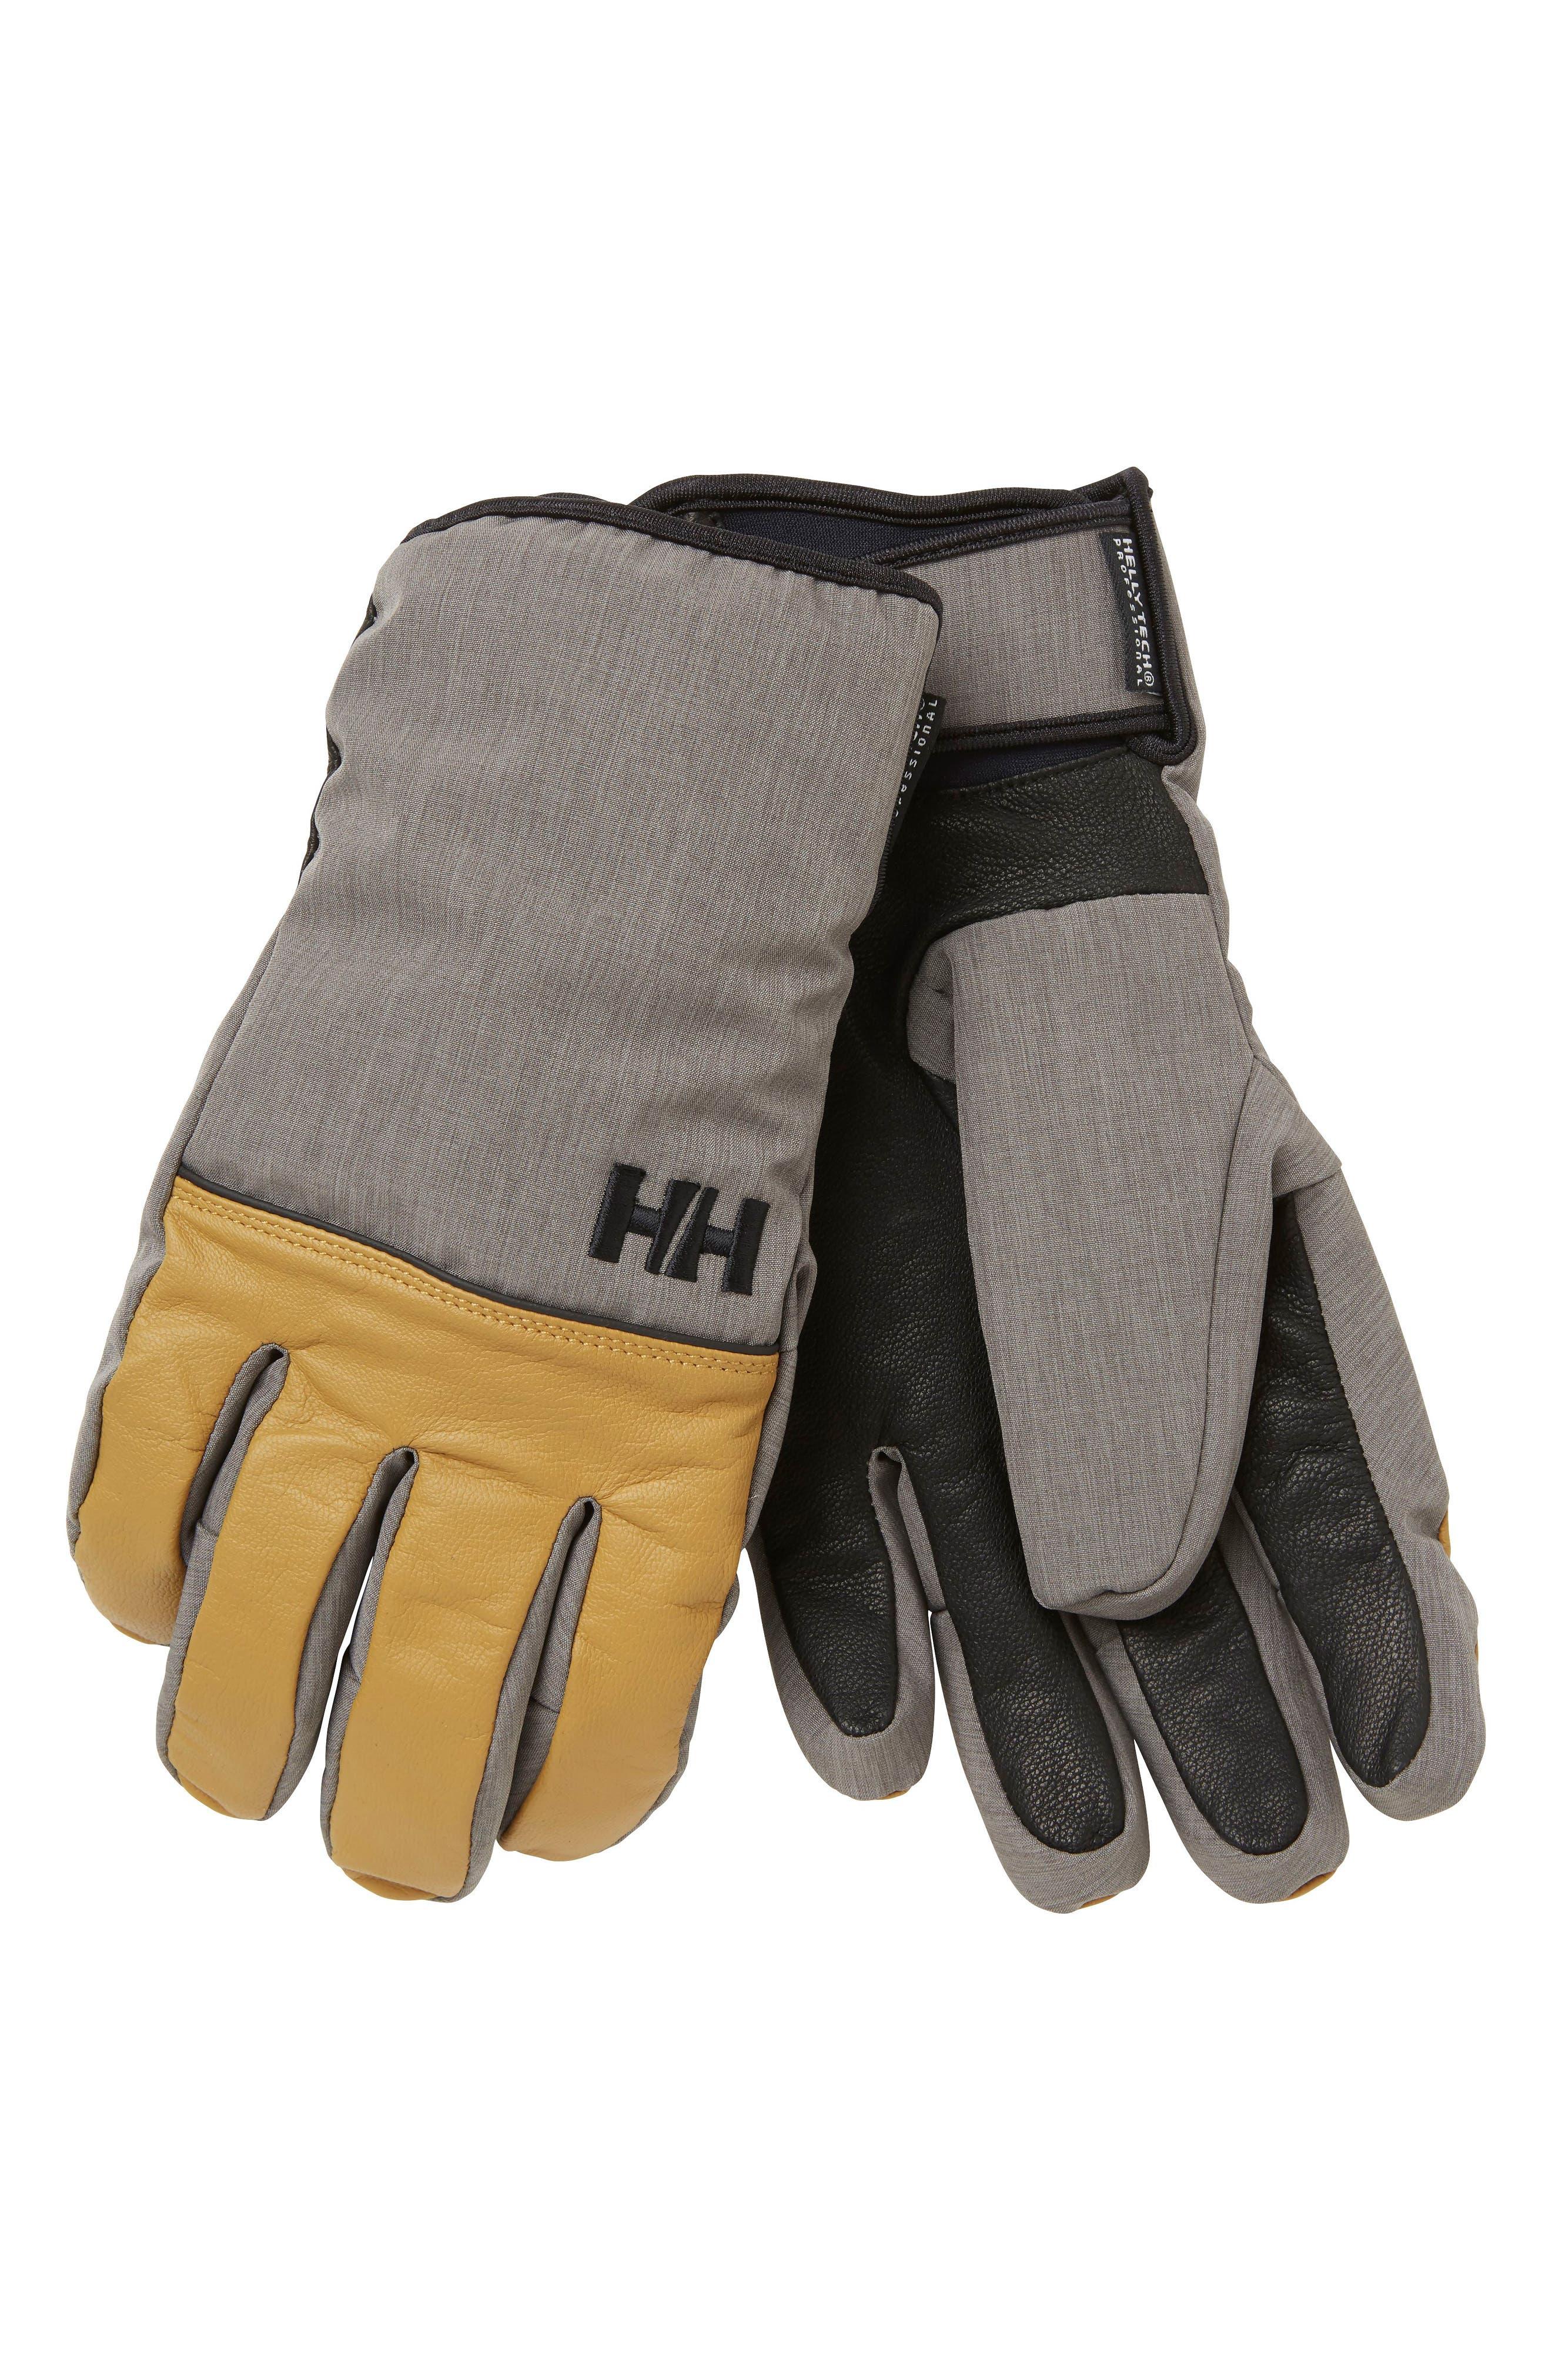 Rogue HT Gloves,                             Main thumbnail 2, color,